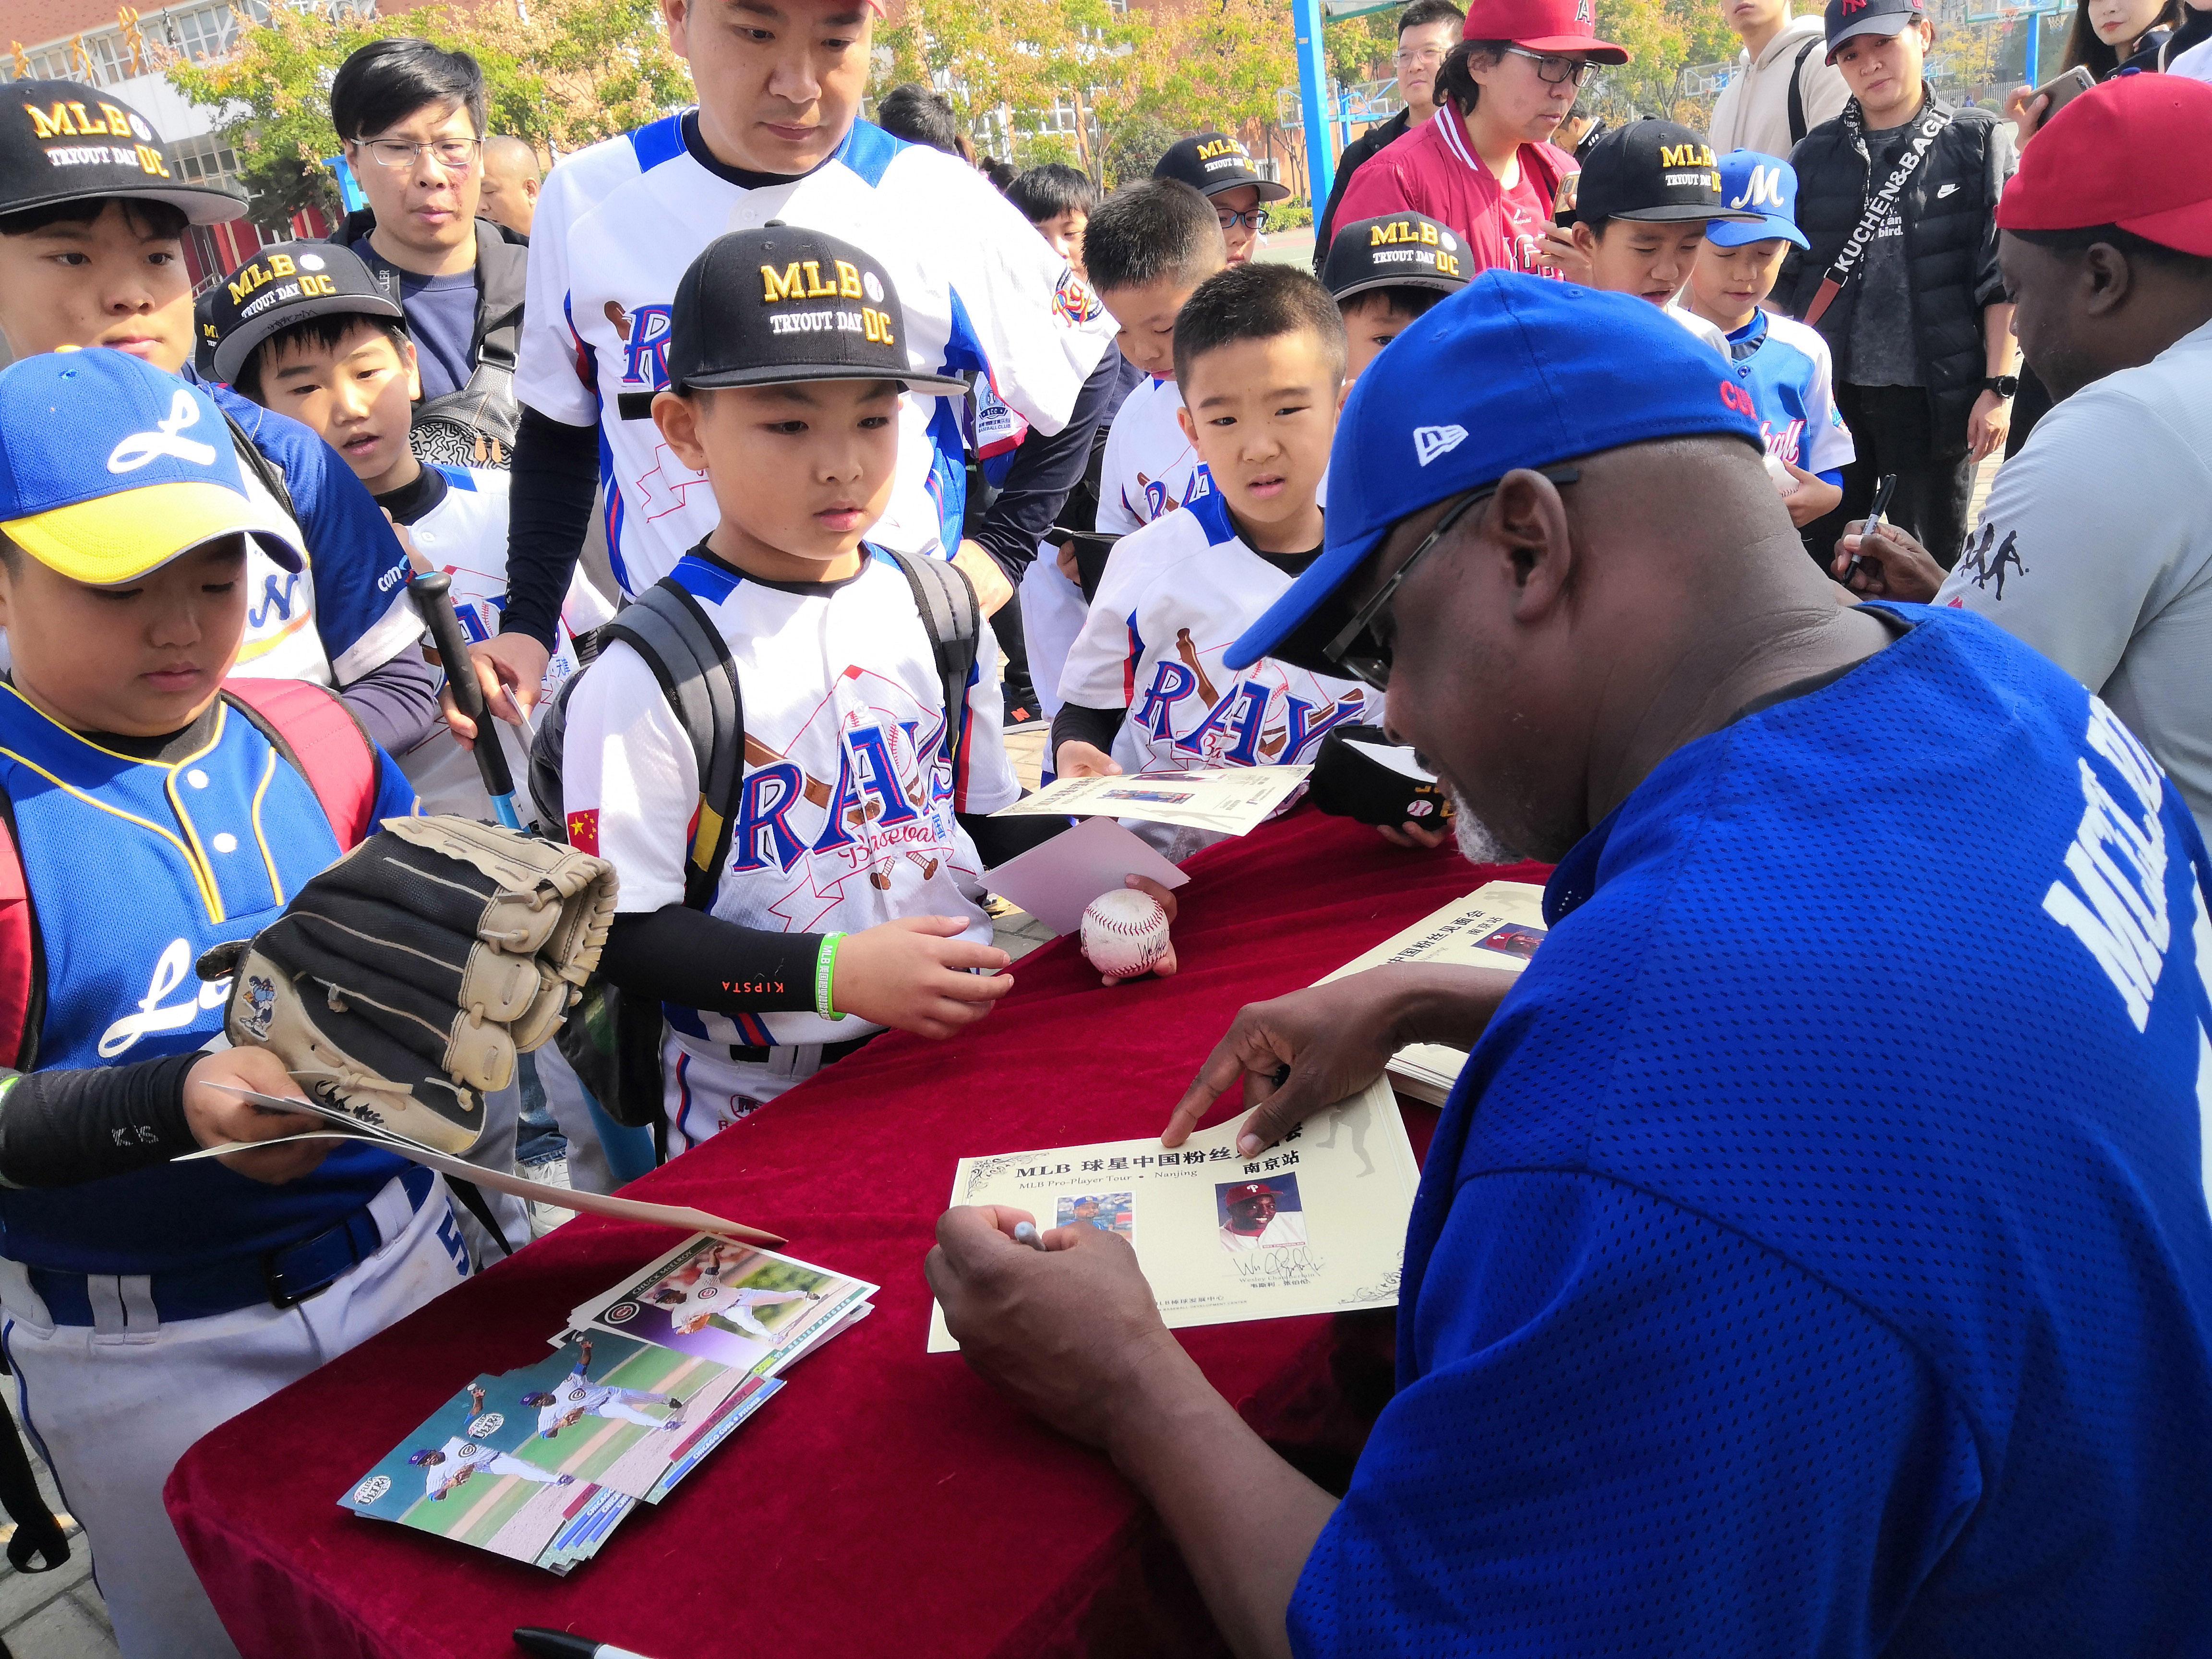 两位前美职棒大联盟球员正在给小选手签名